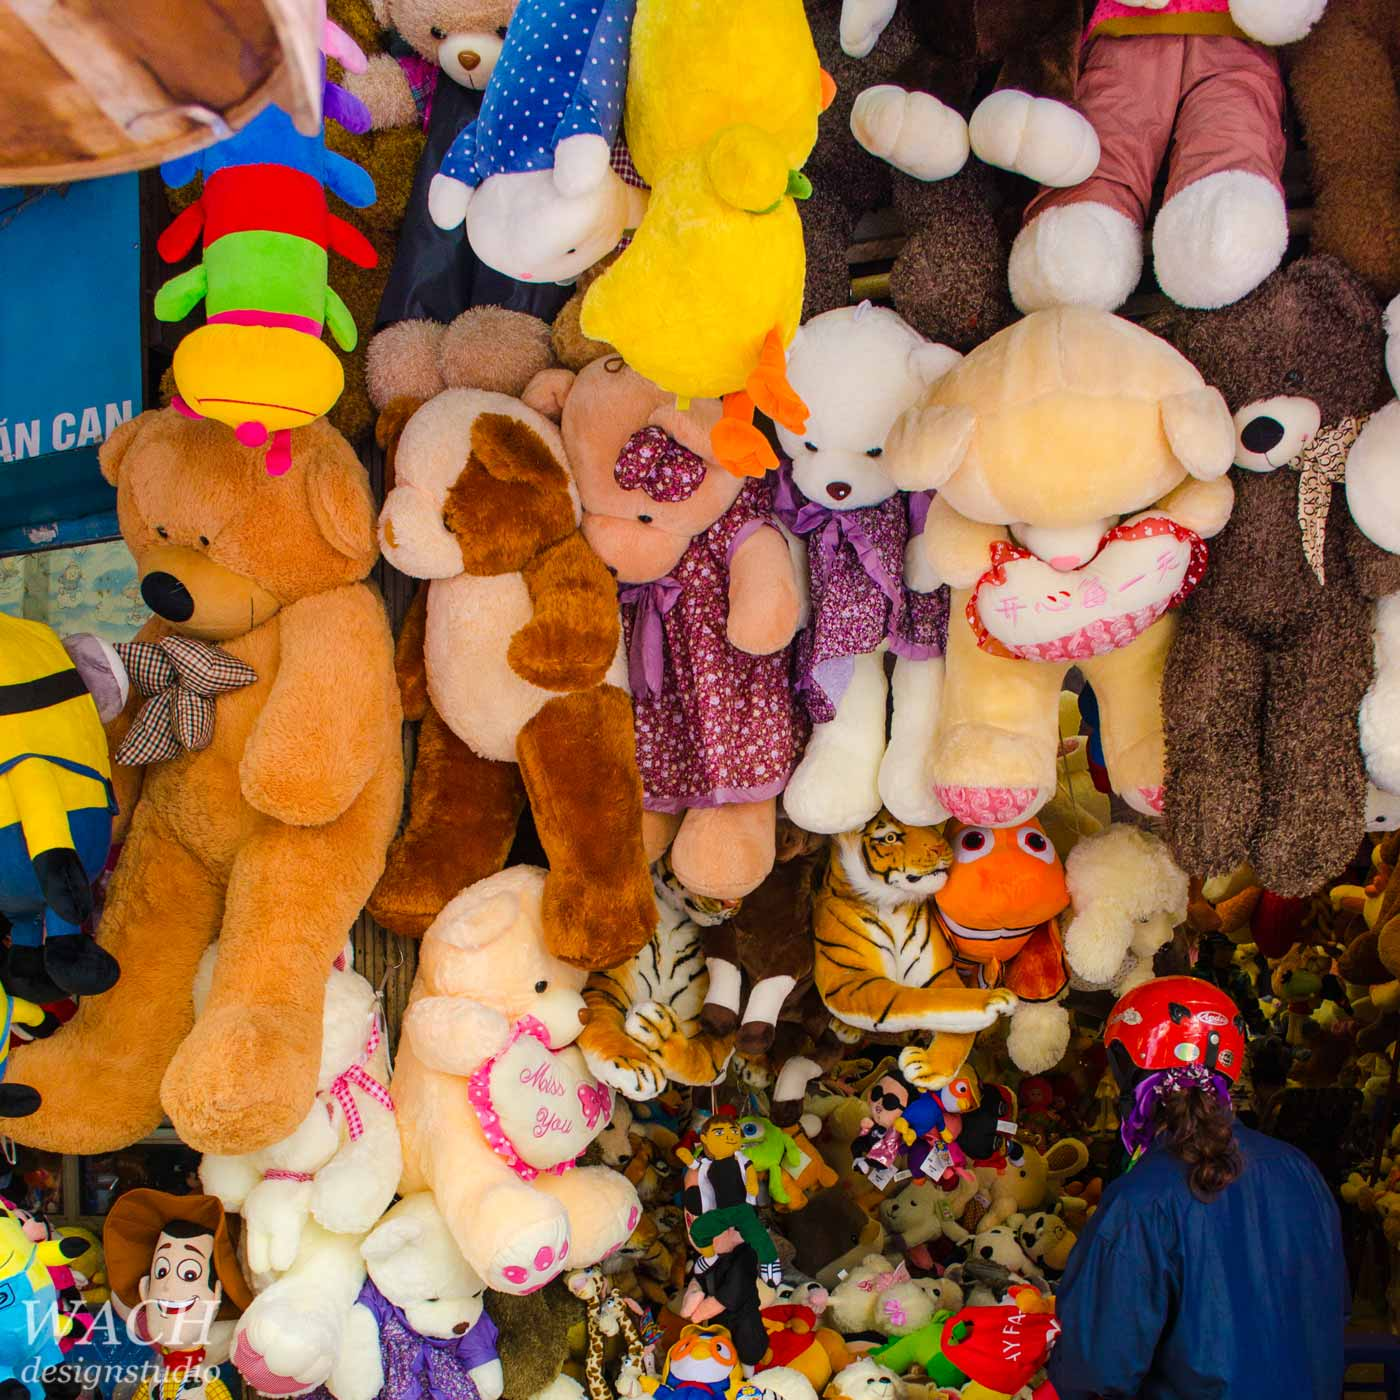 Store in Hanoi Vietnam jam-packed with stuffed animals